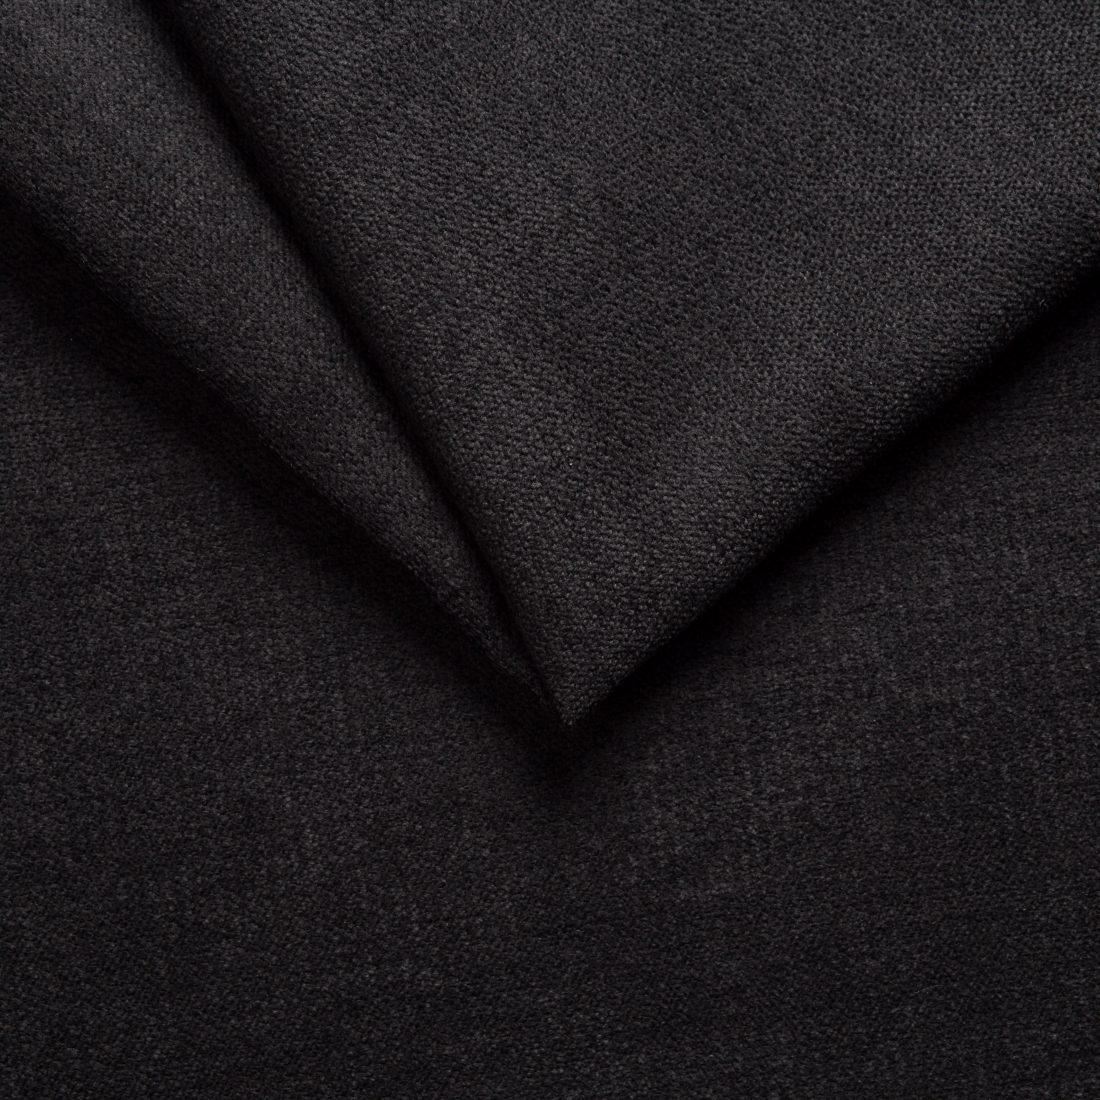 Мебельная ткань Enjoy 25 Black, микрофибра